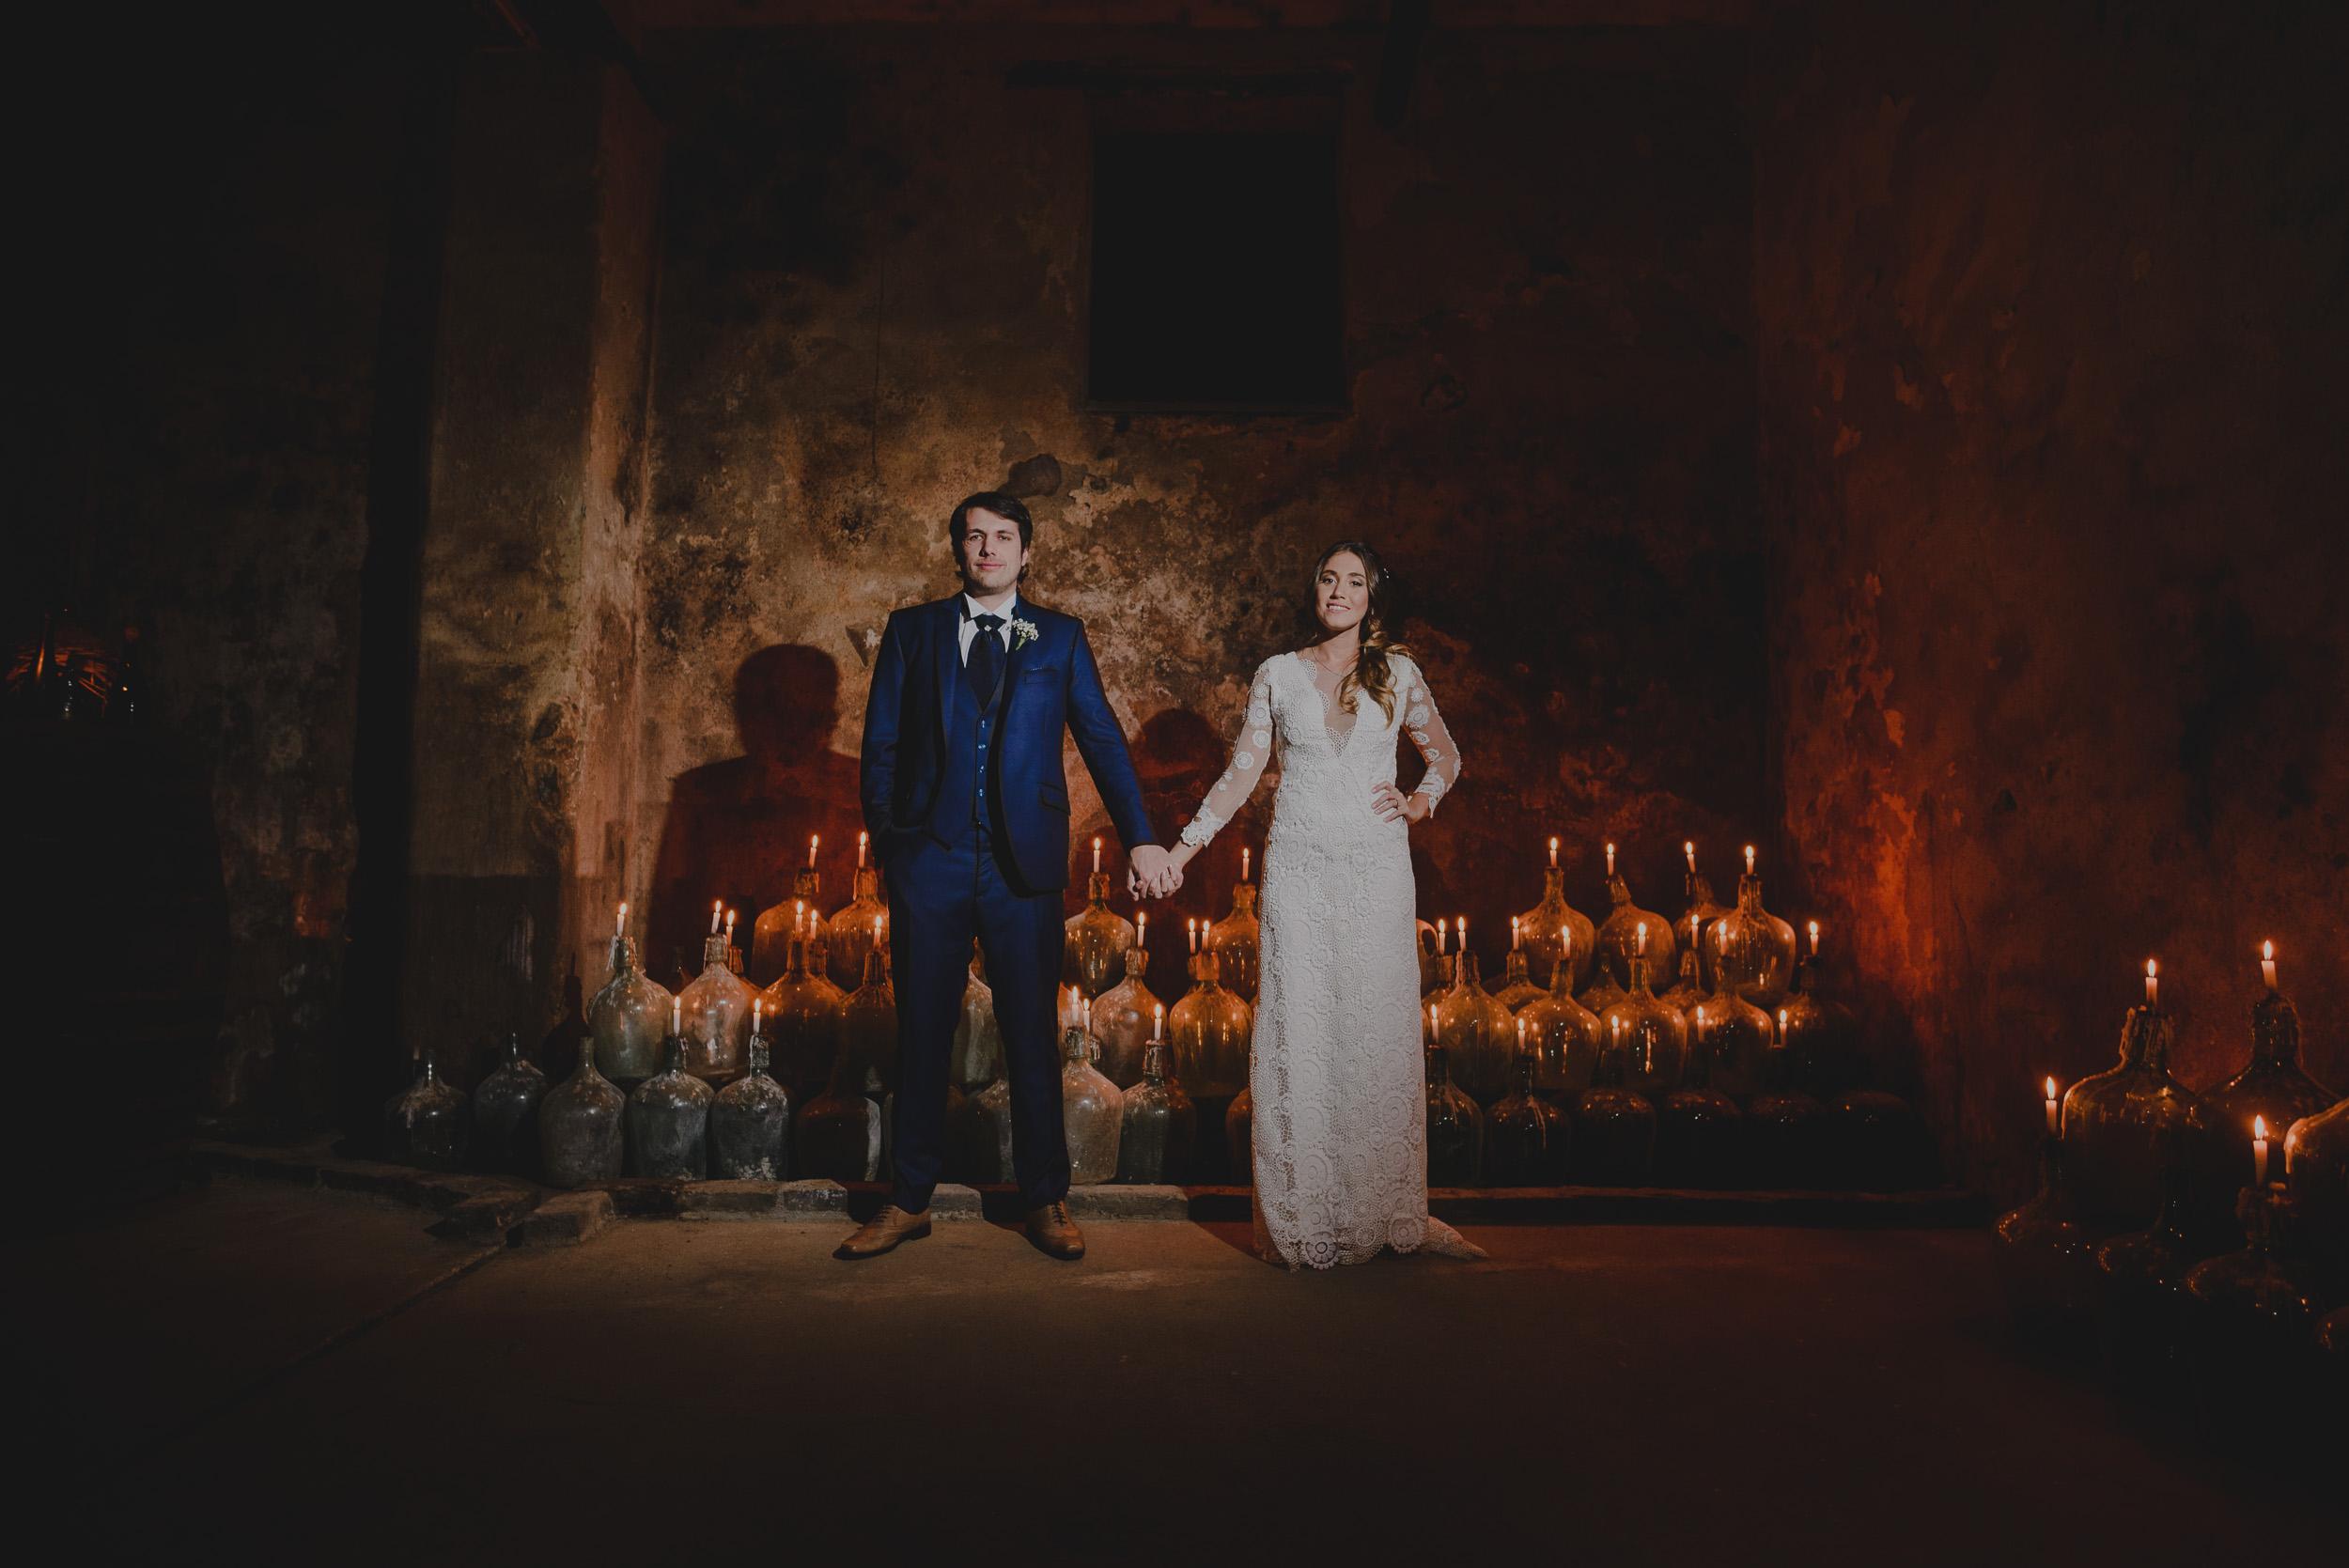 Mati & Juan boda en Bodega Jacksonville , FOTOGRAFIA DE BODA POITEVIN LOPEZ-105